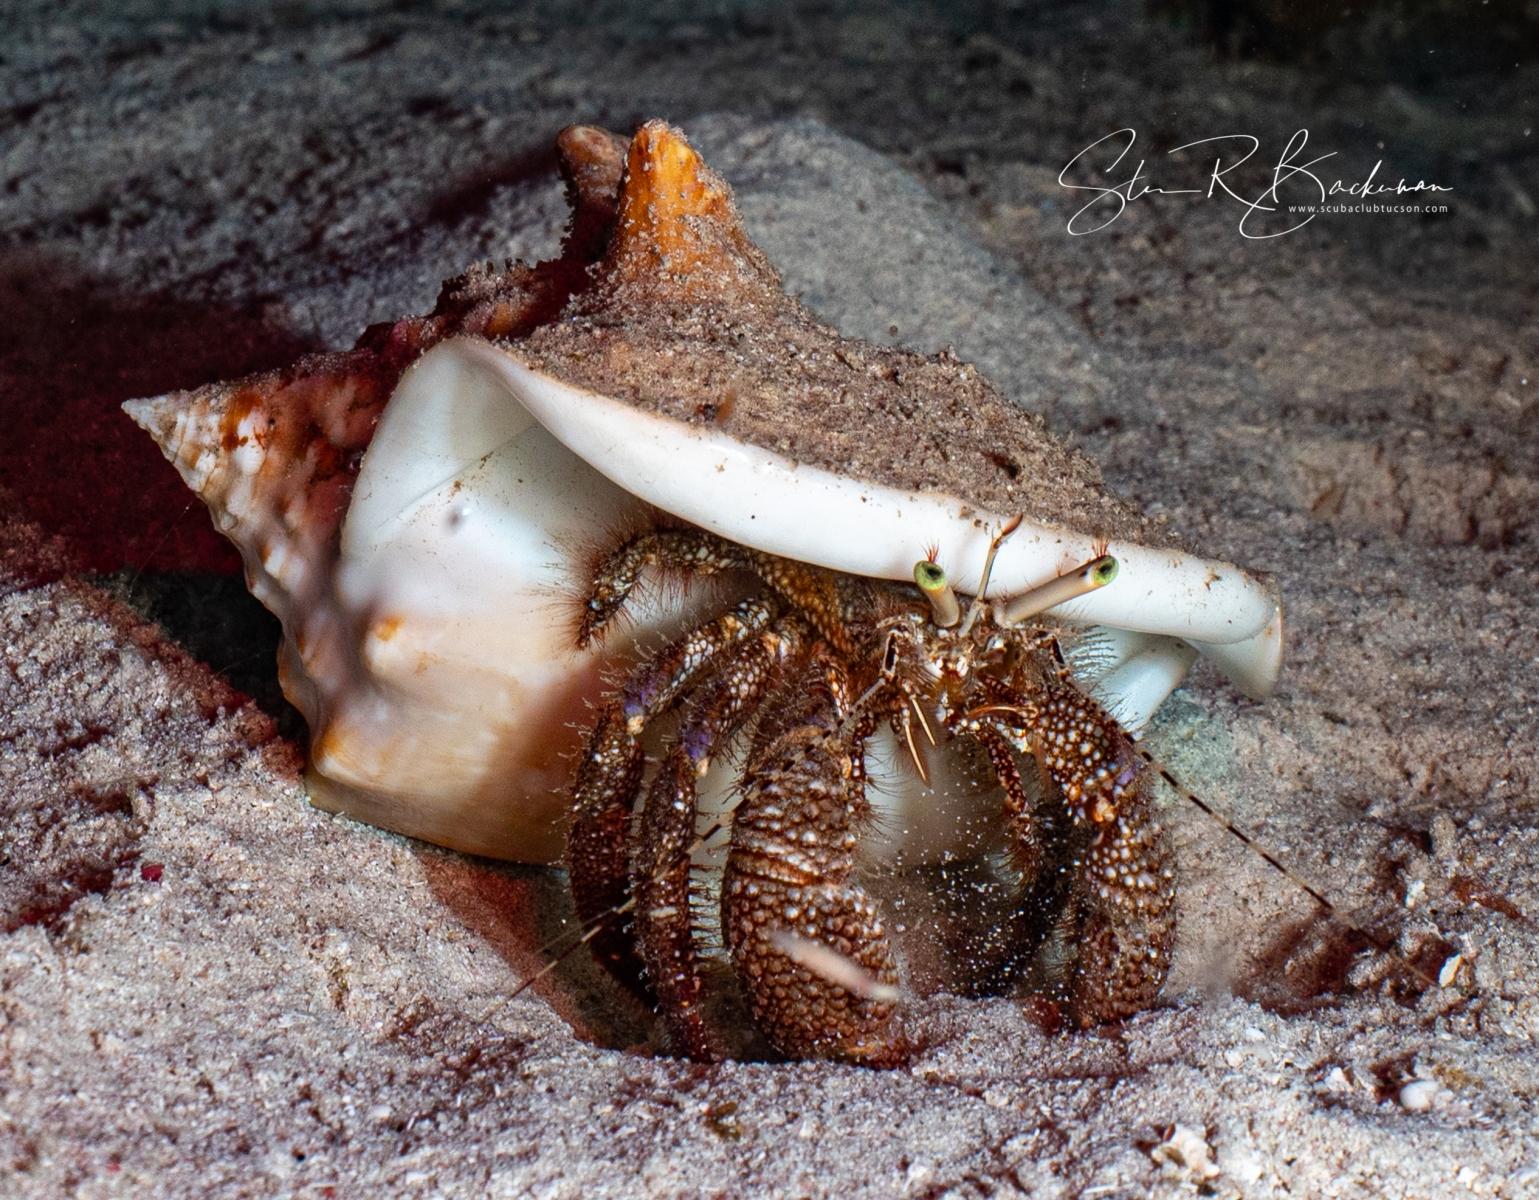 Giant-Hermit-Crab-5690